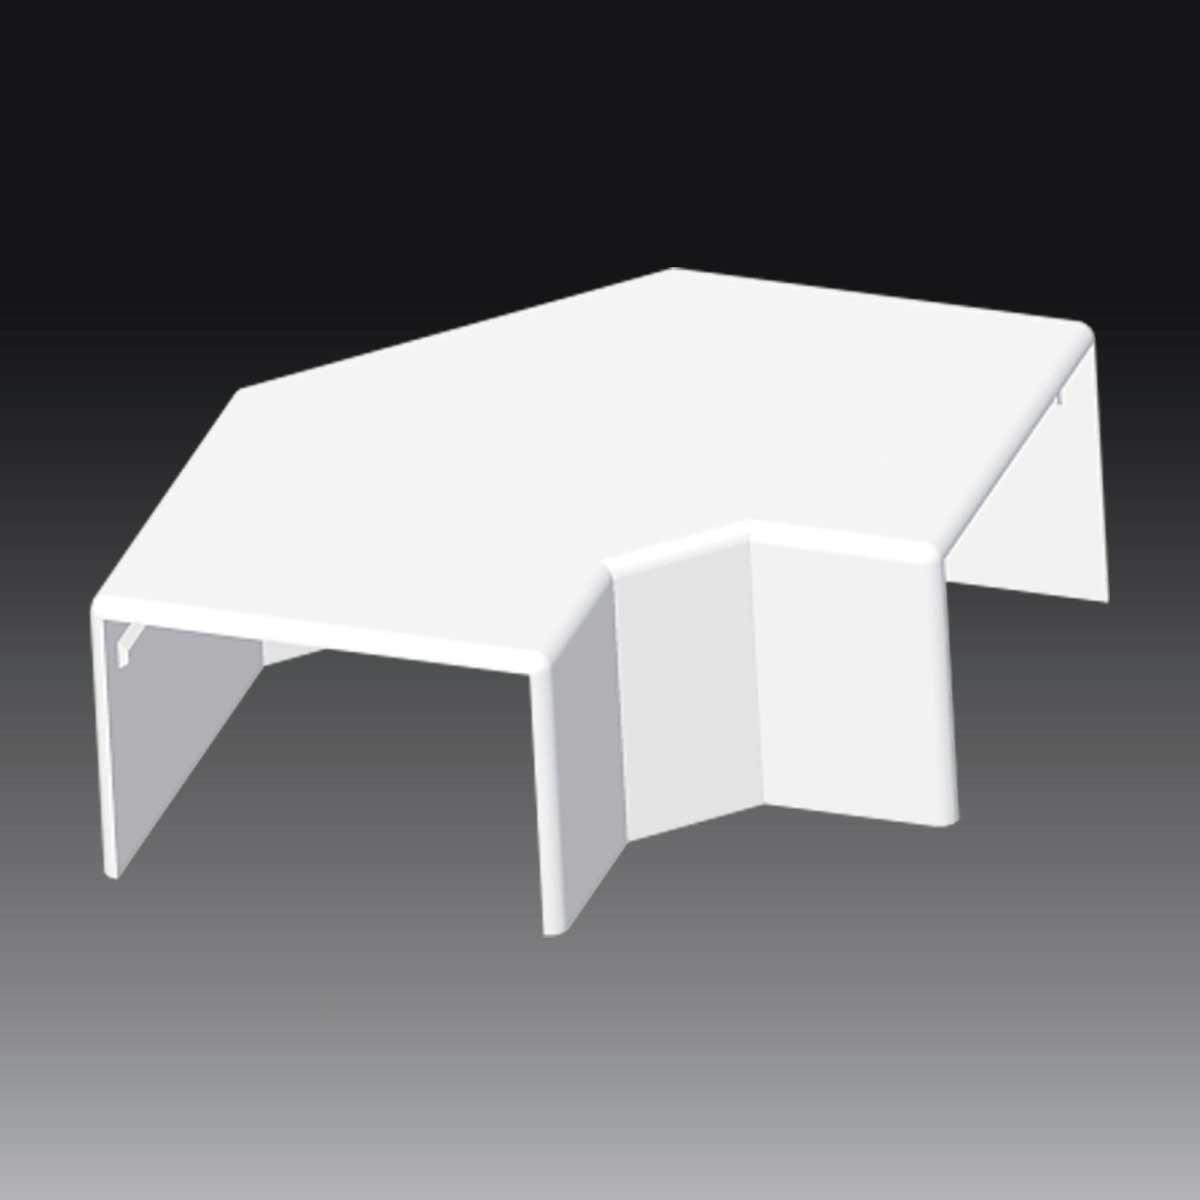 Кут прямий для LH 60x40 білого кольору; Серія LH; ПВХ